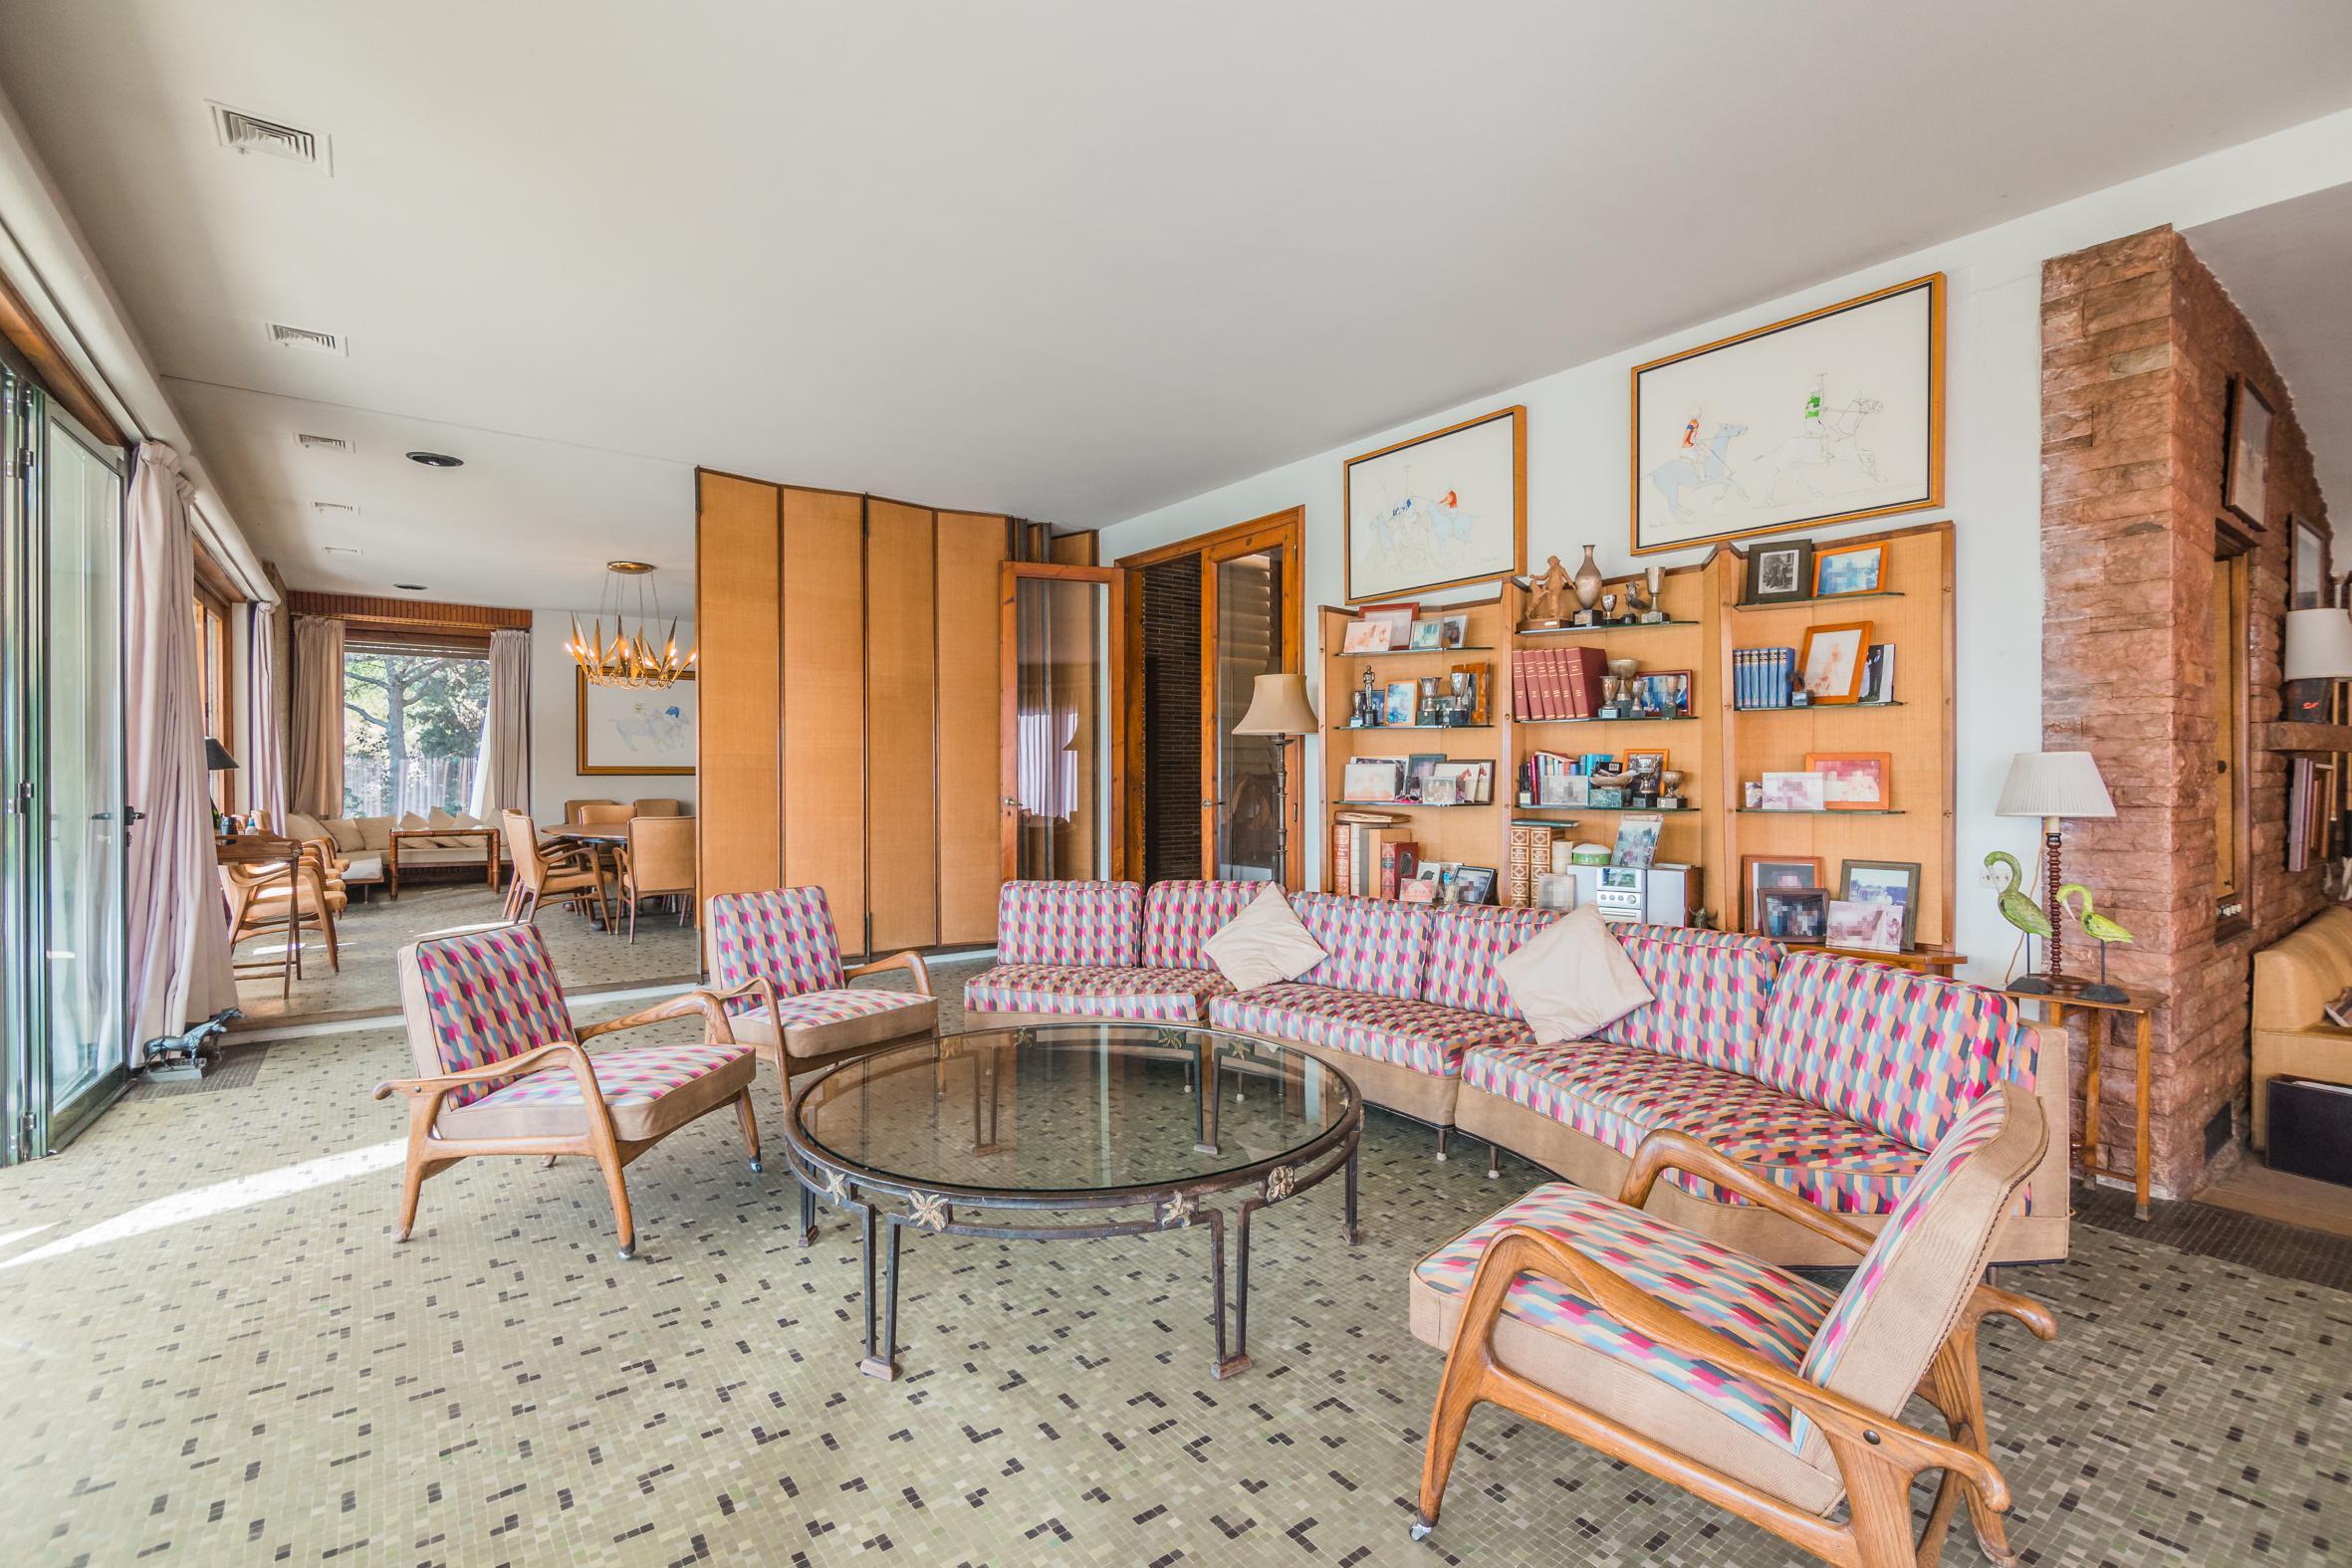 213533 Casa en venta en Sant Andreu de Llavaneres 10